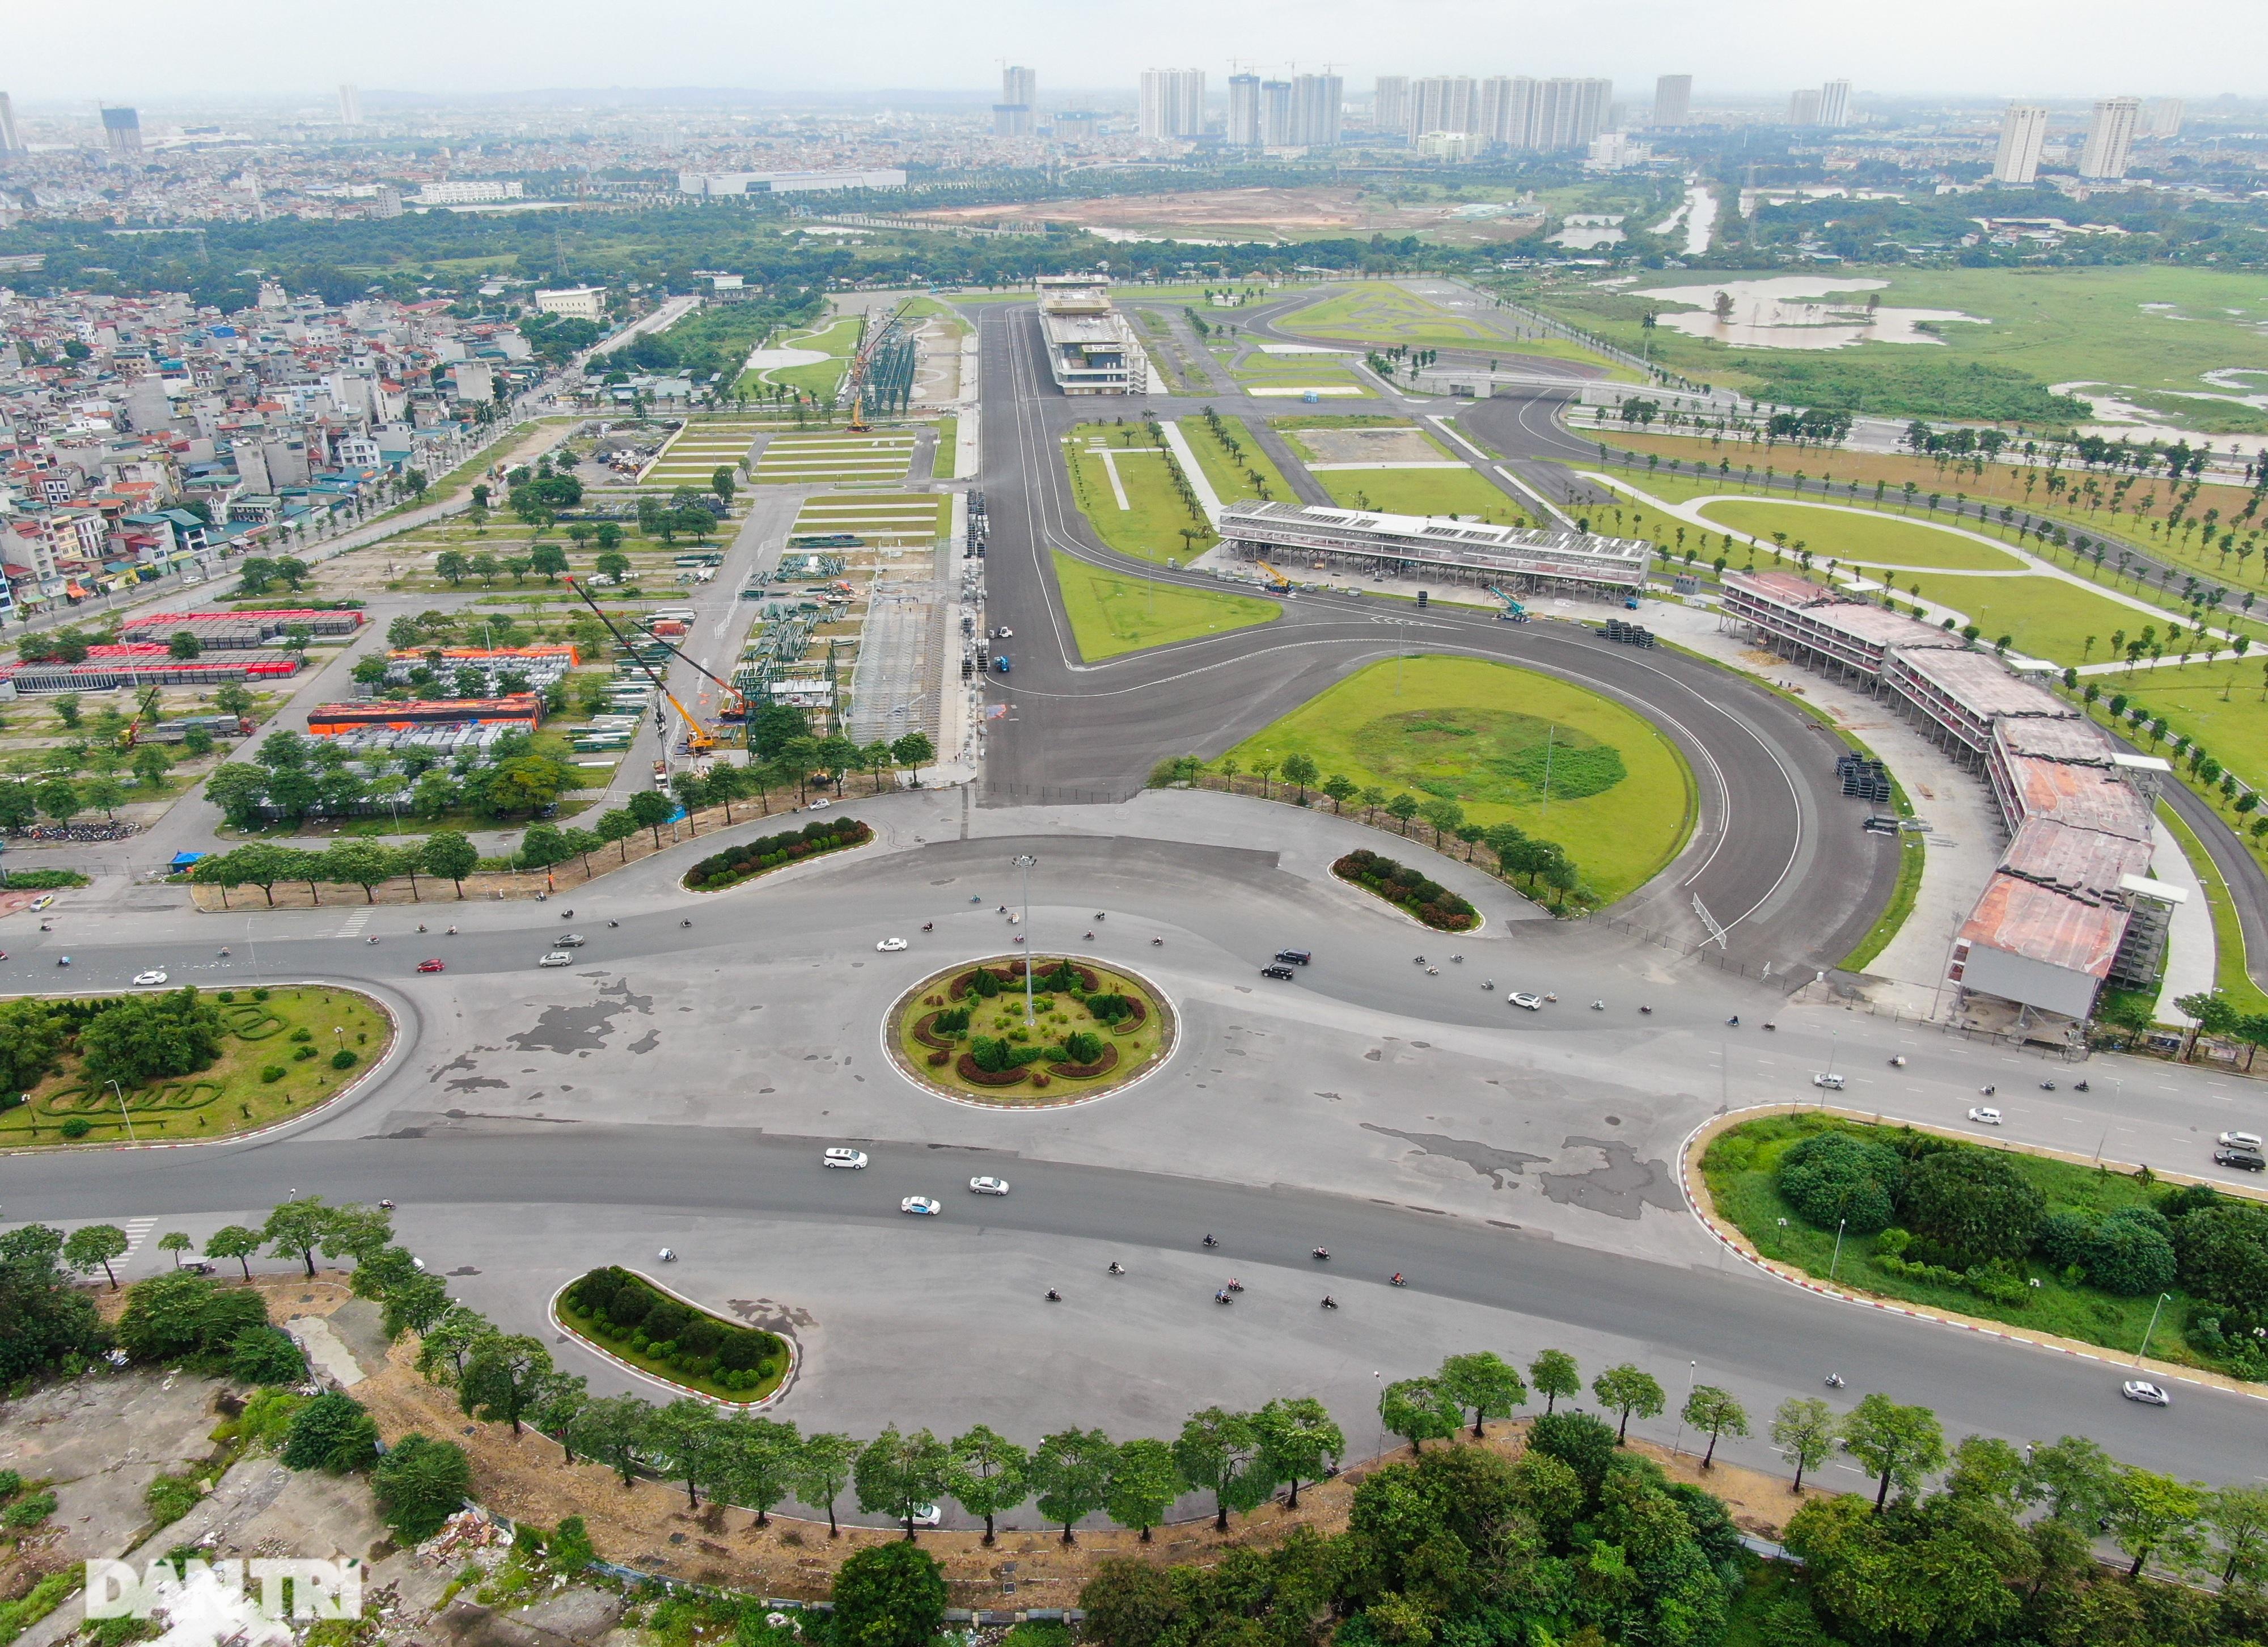 Hà Nội: Tiếp tục tháo dỡ khán đài đường đua F1 - 1